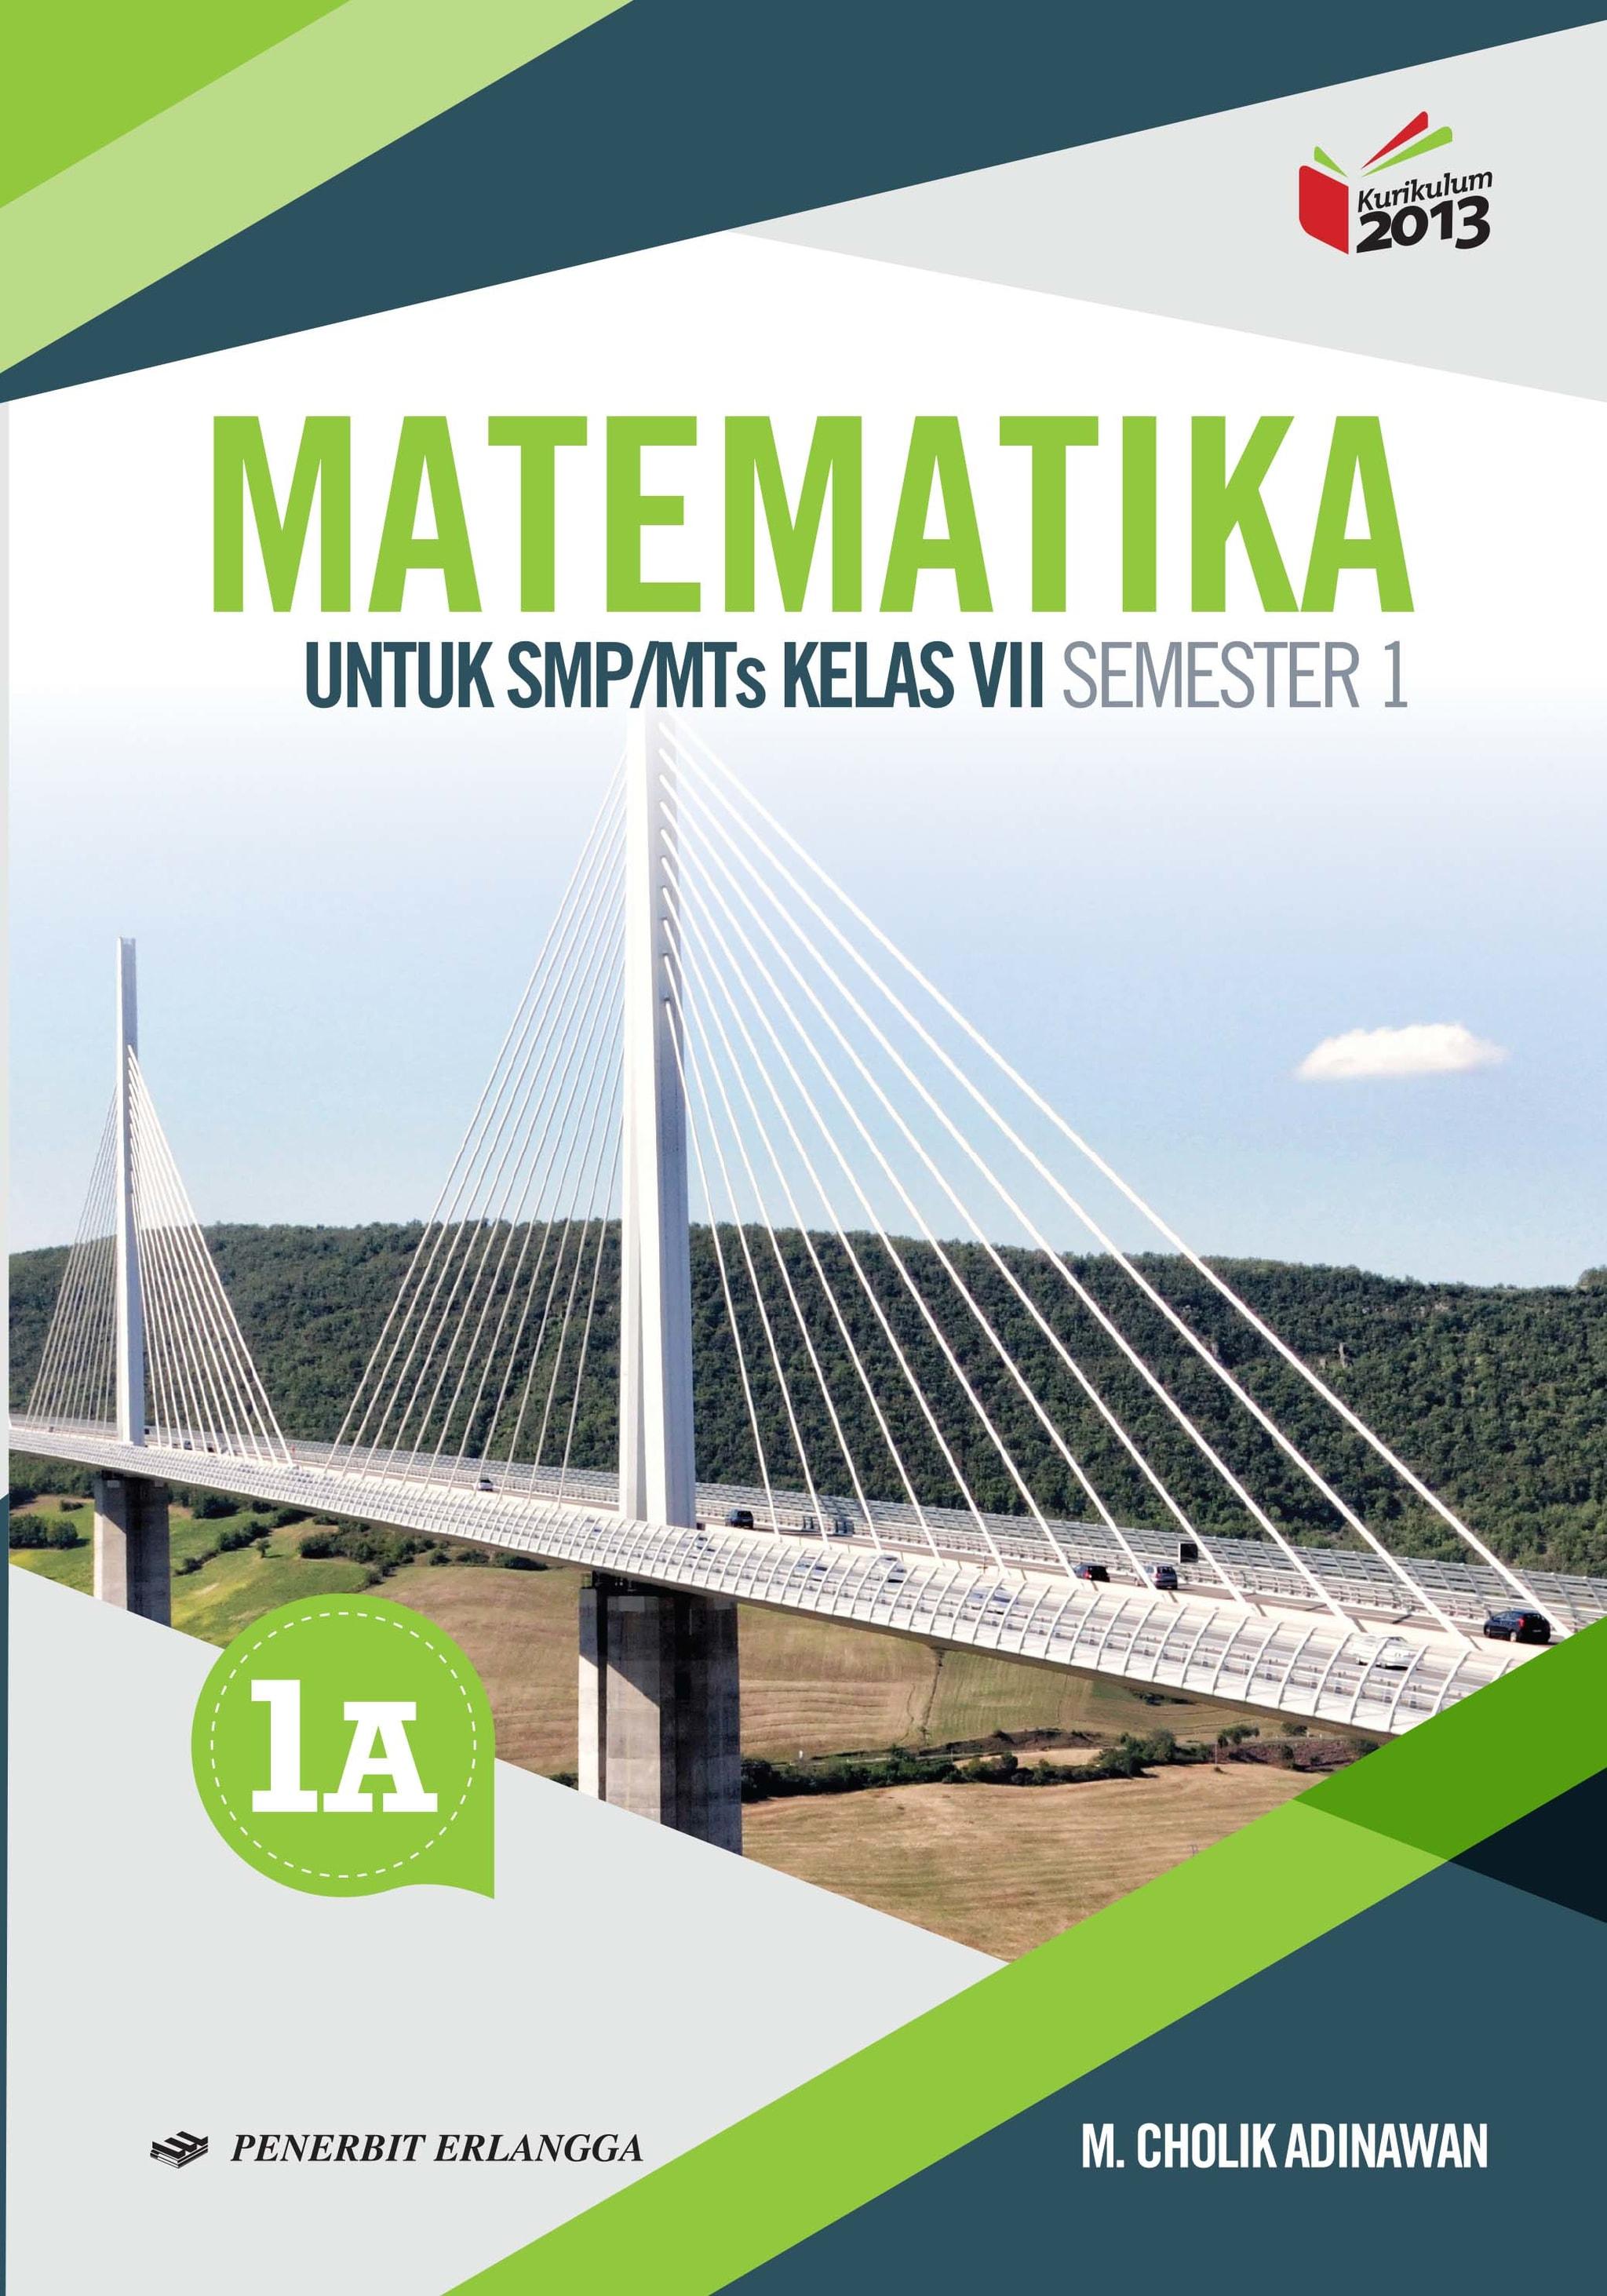 Jual MATEMATIKA SMP JL 1A K13N Buku Erlangga TARGET BOOKSTORE